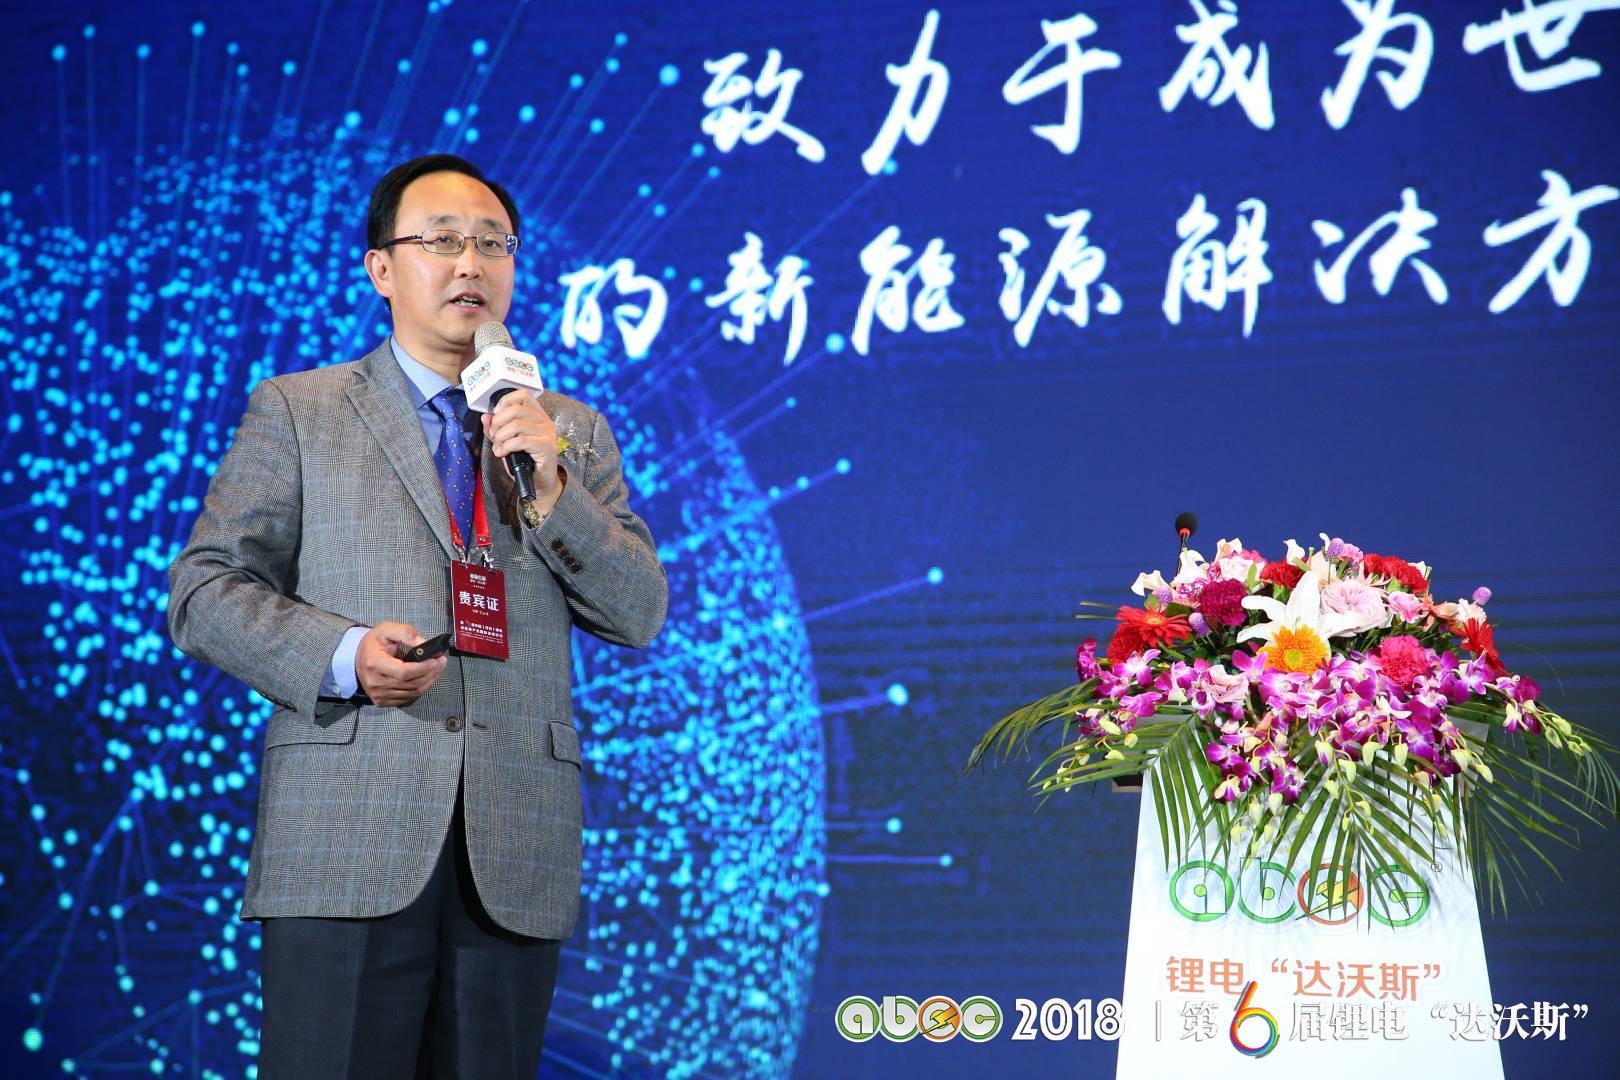 欣旺达电子股份有限公司集团副总裁兼新濠天地板块总裁梁锐